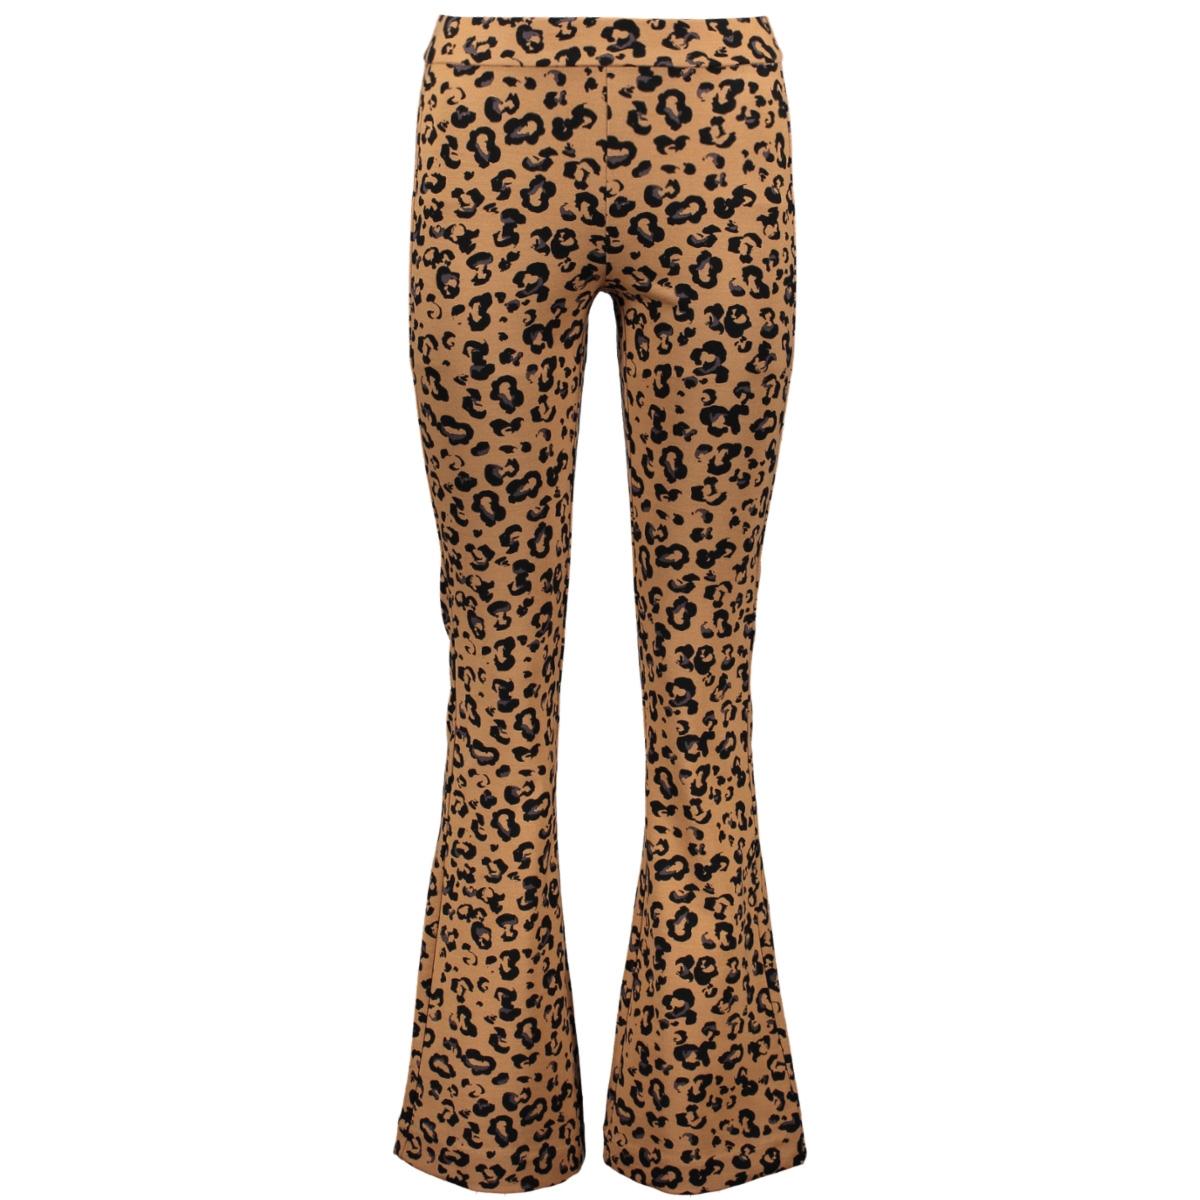 online winkel goedkoopste prijs sneakers voor goedkoop Vero moda VMKAMMA NW FLARED JERSEY PRINT PANT 10221559 Indian Tan/BLACK LEO